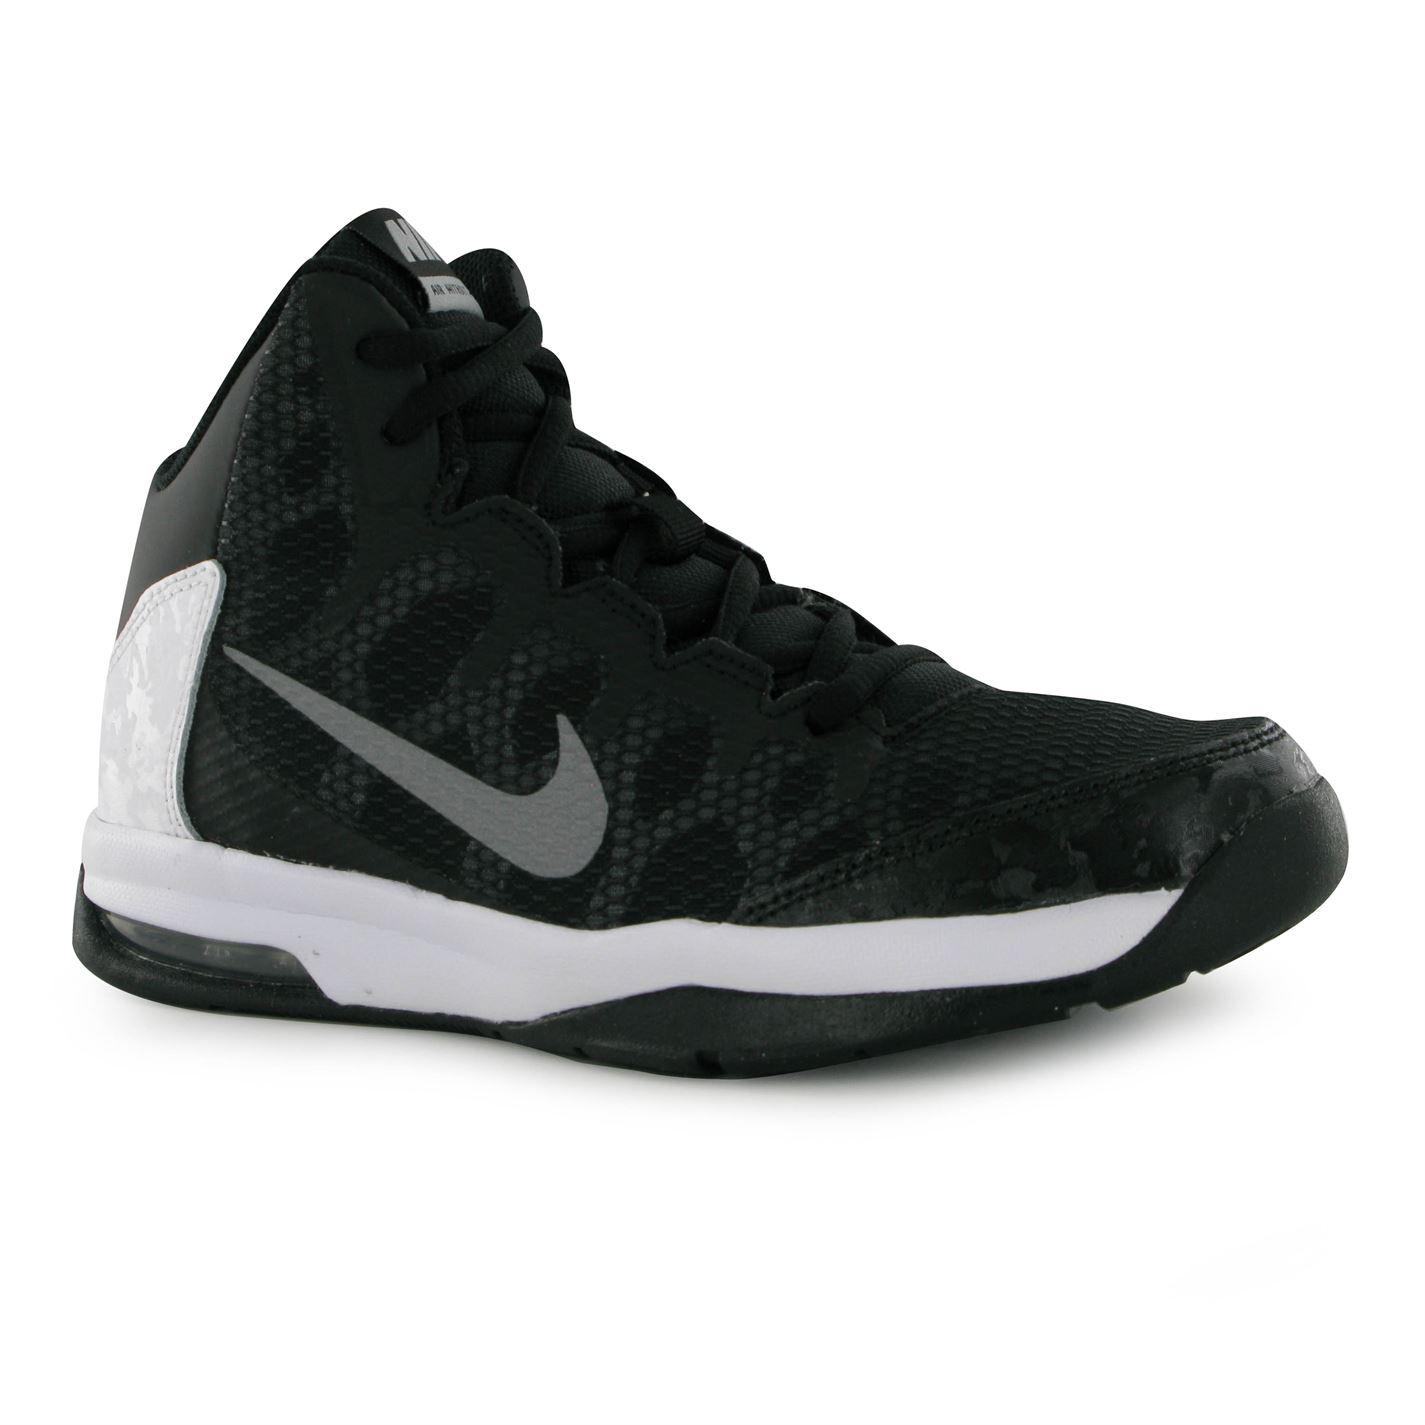 Adidasi Nike Air Without A Doubt Pentru Copii